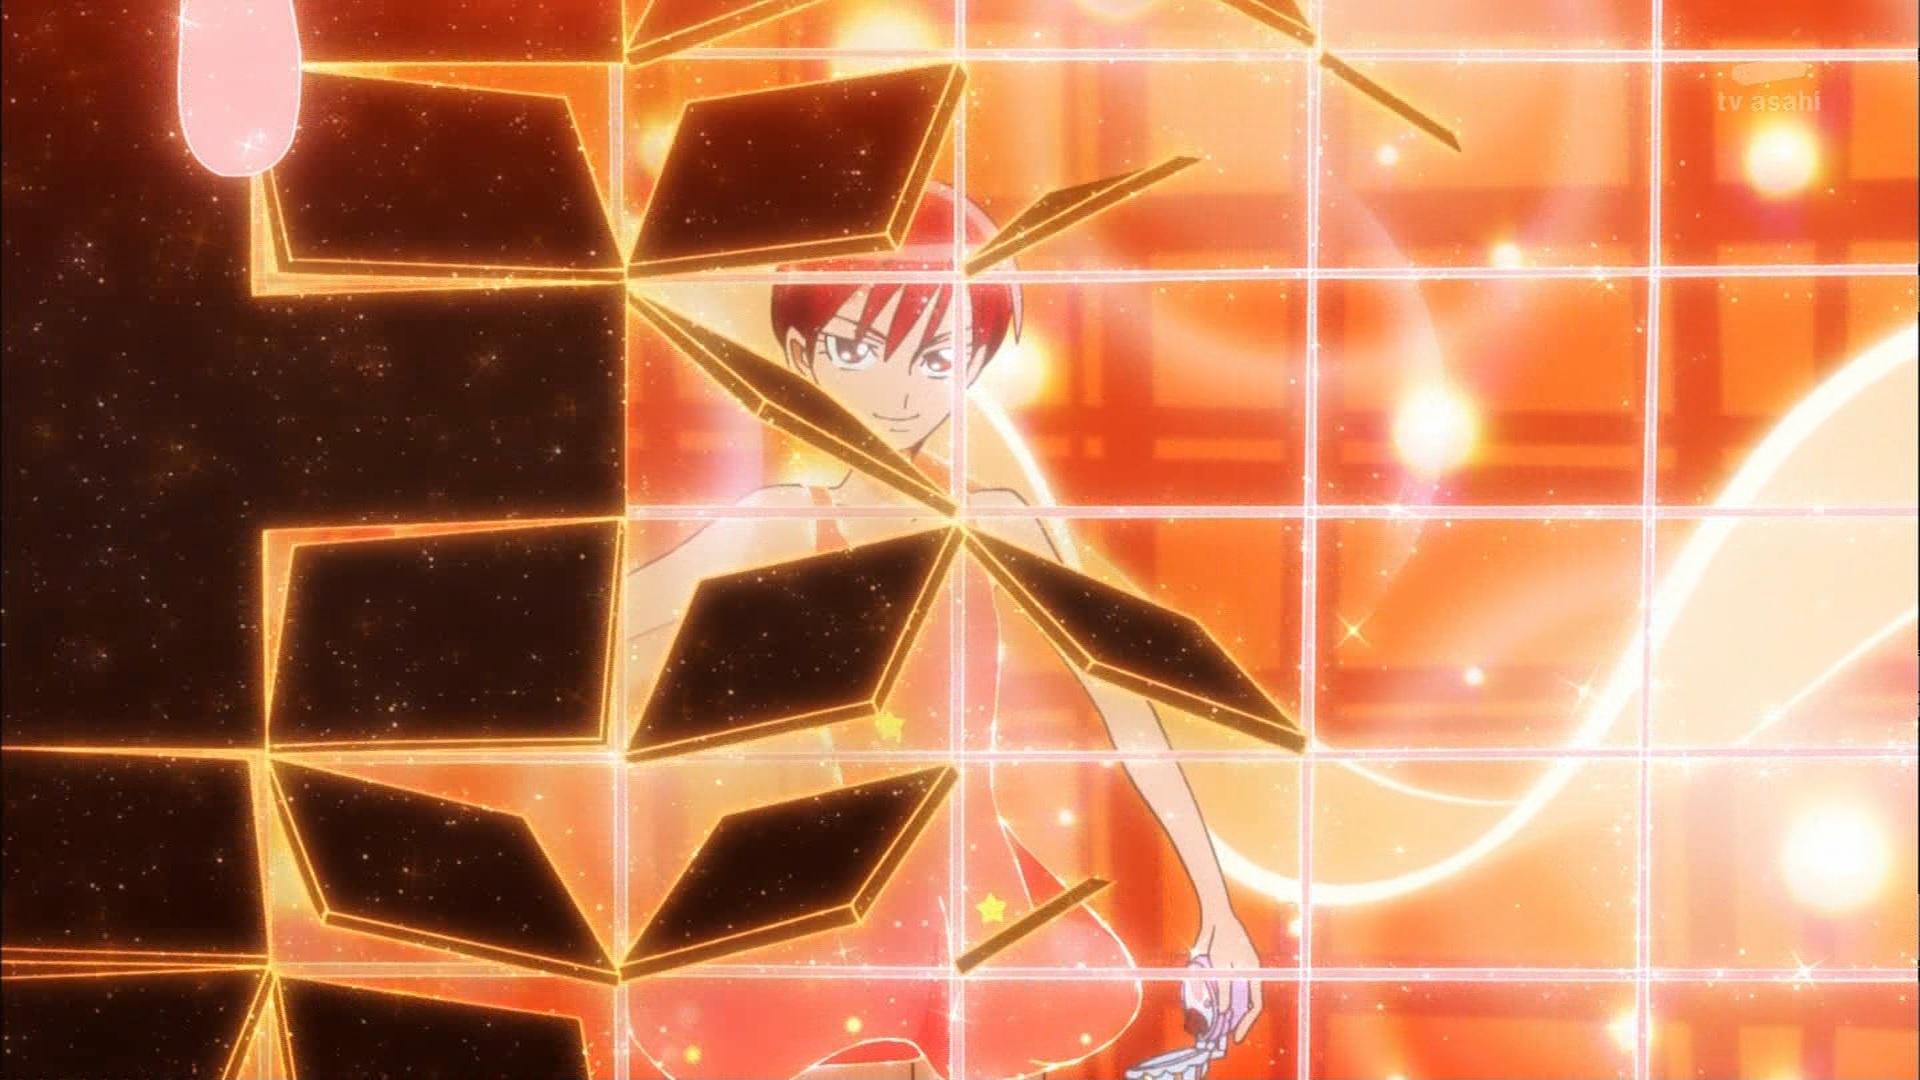 キュアショコラの変身バンク(キラキラプリキュアアラモード6話画像)